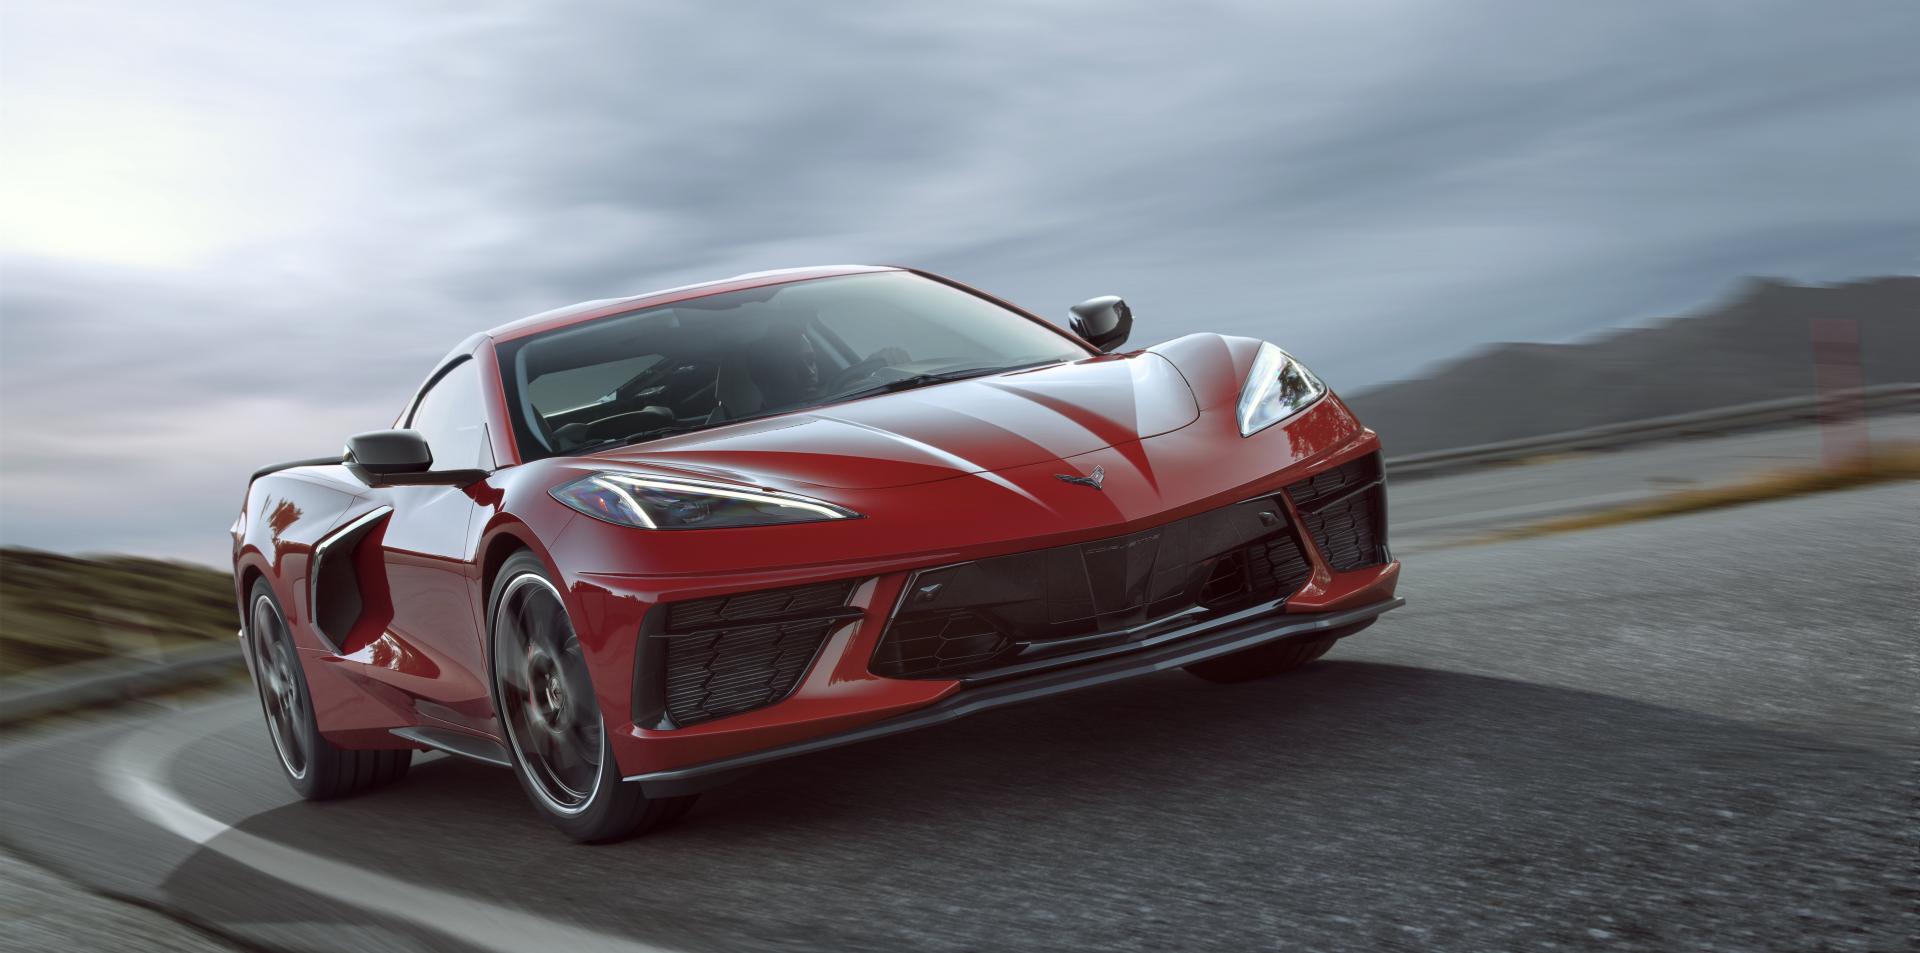 2020 Chevrolet Corvette C8 Stingray